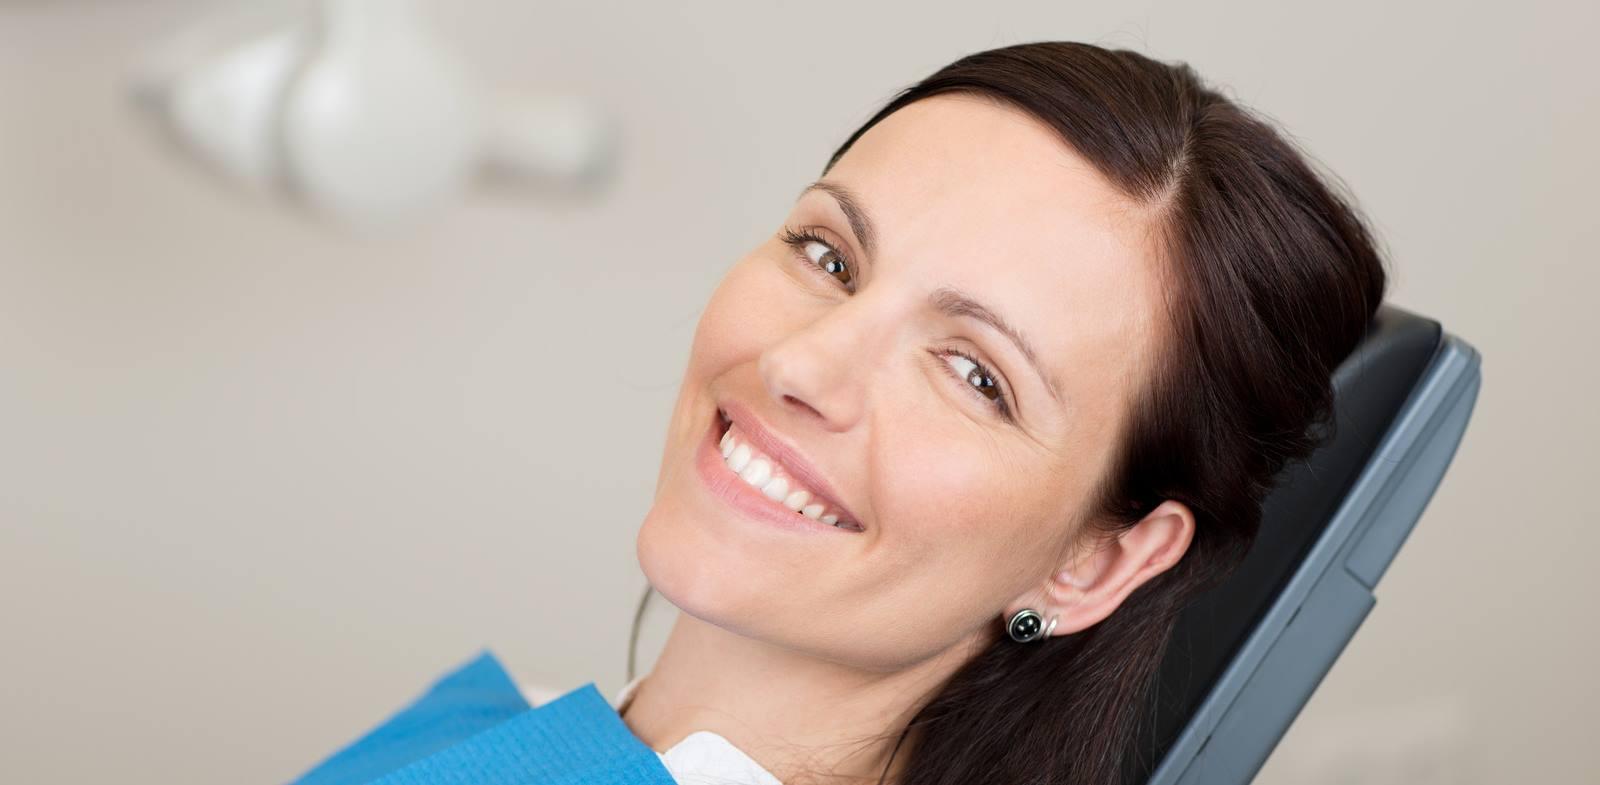 Pulizia Denti Busto Arsizio